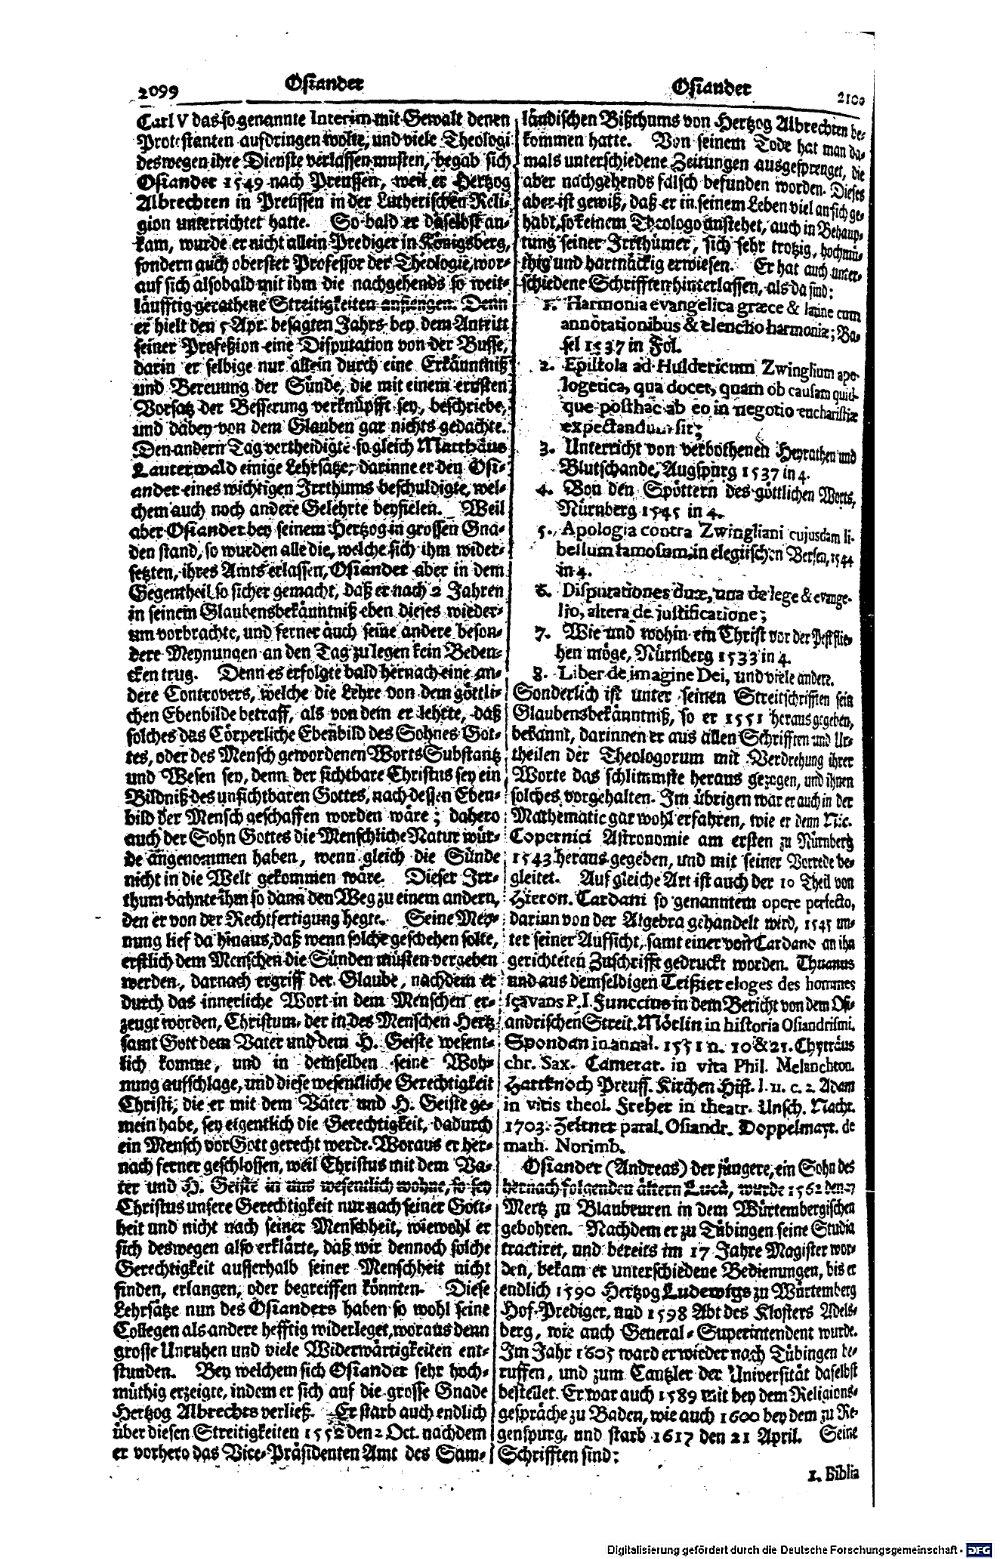 Bd. 25, Seite 1063.